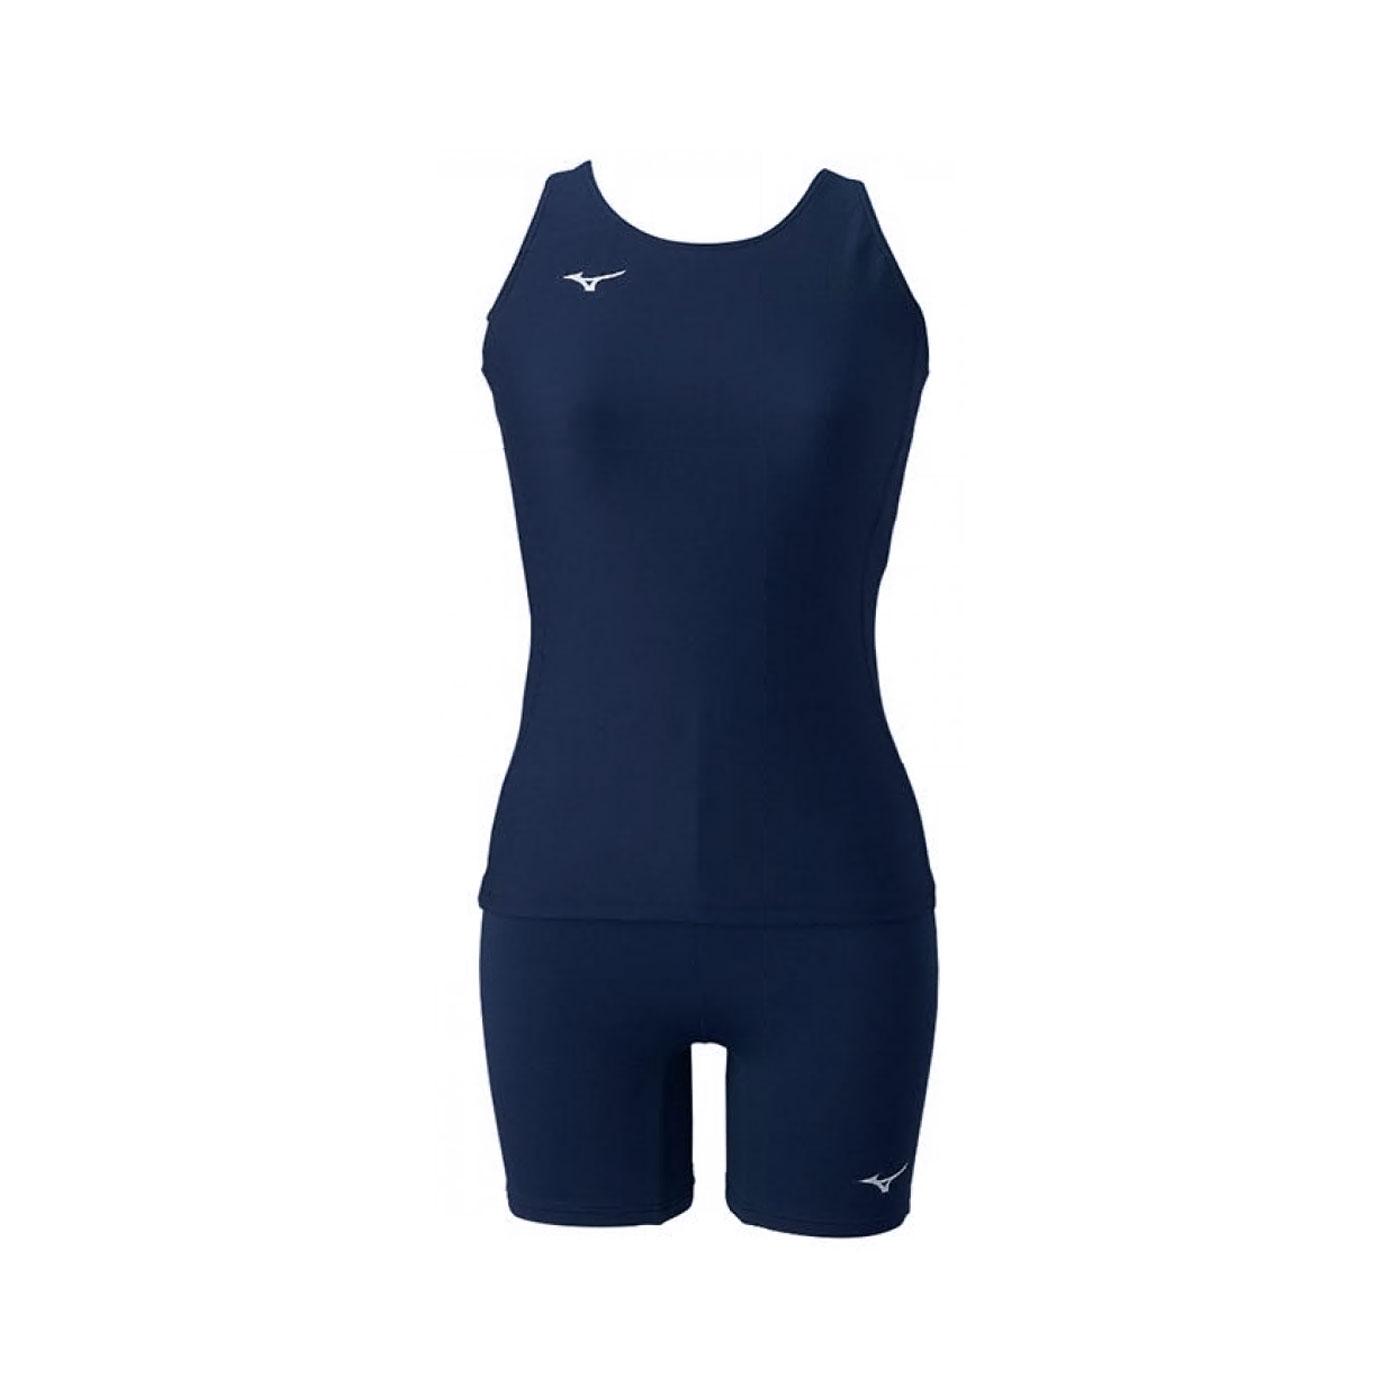 MIZUNO 女款兩件式泳衣 N2MG1C0114